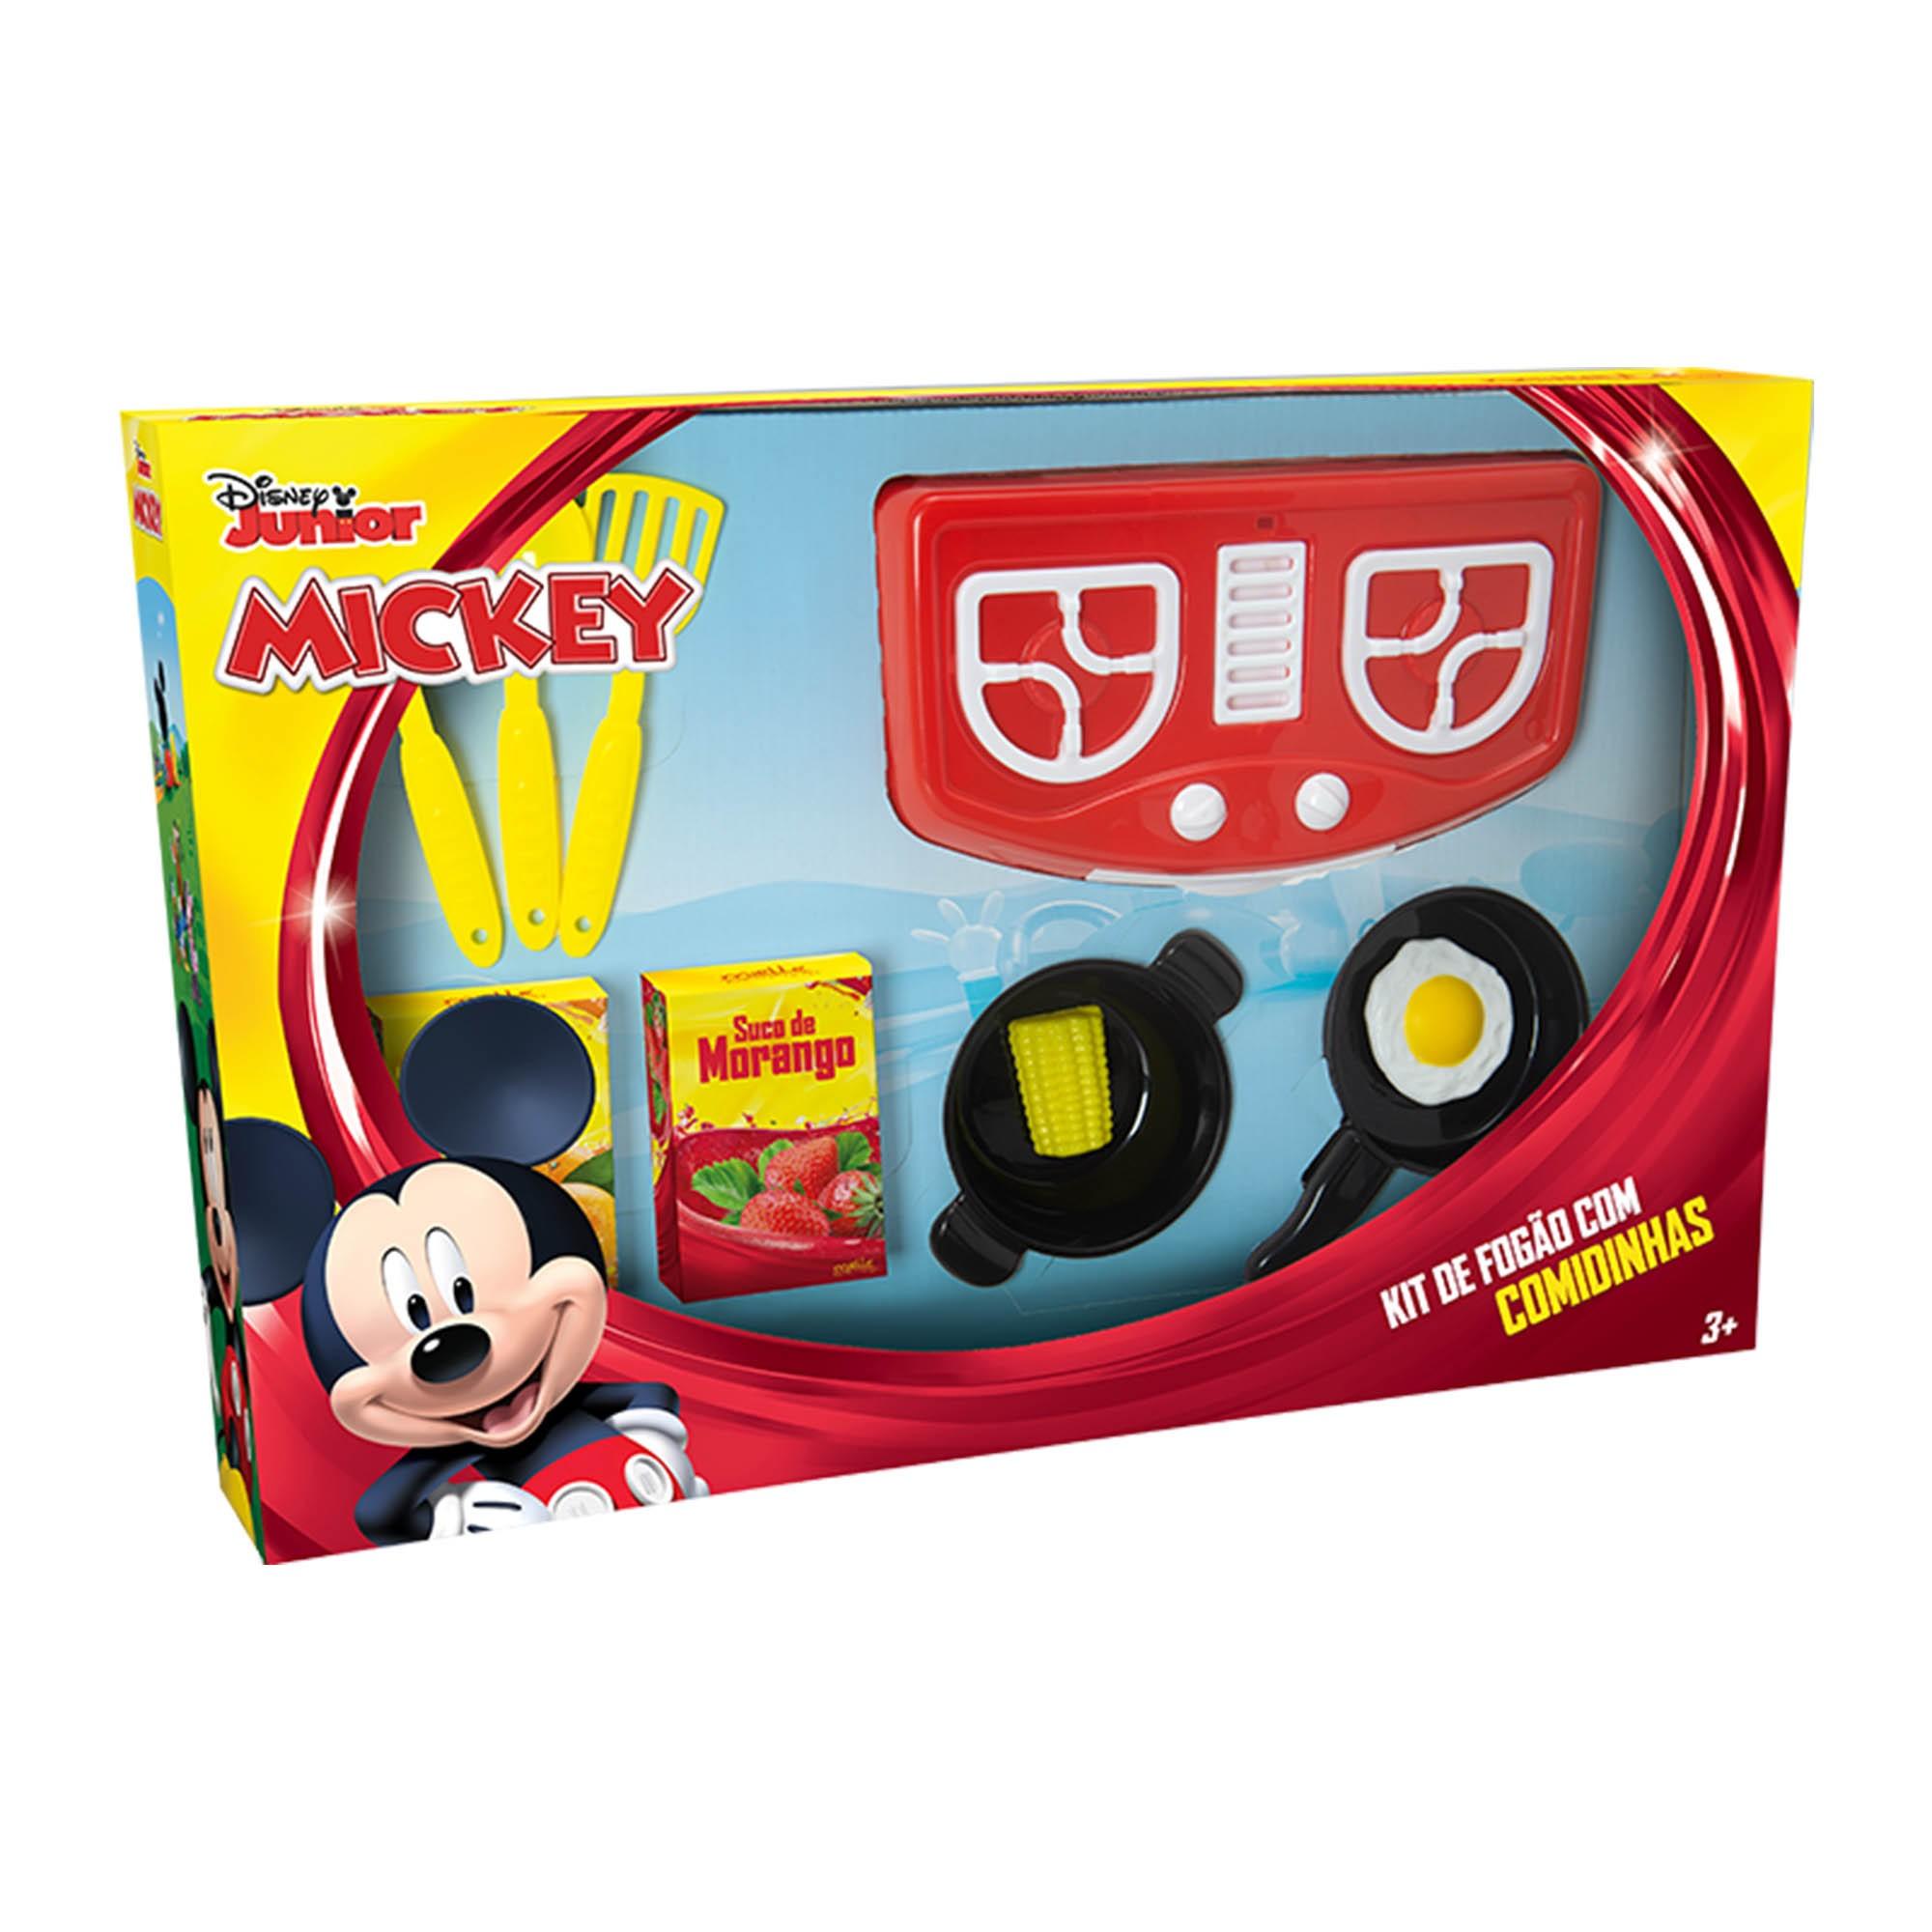 Kit Cozinha Infantil Fogãozinho Panelinhas Mickey Disney - Mielle